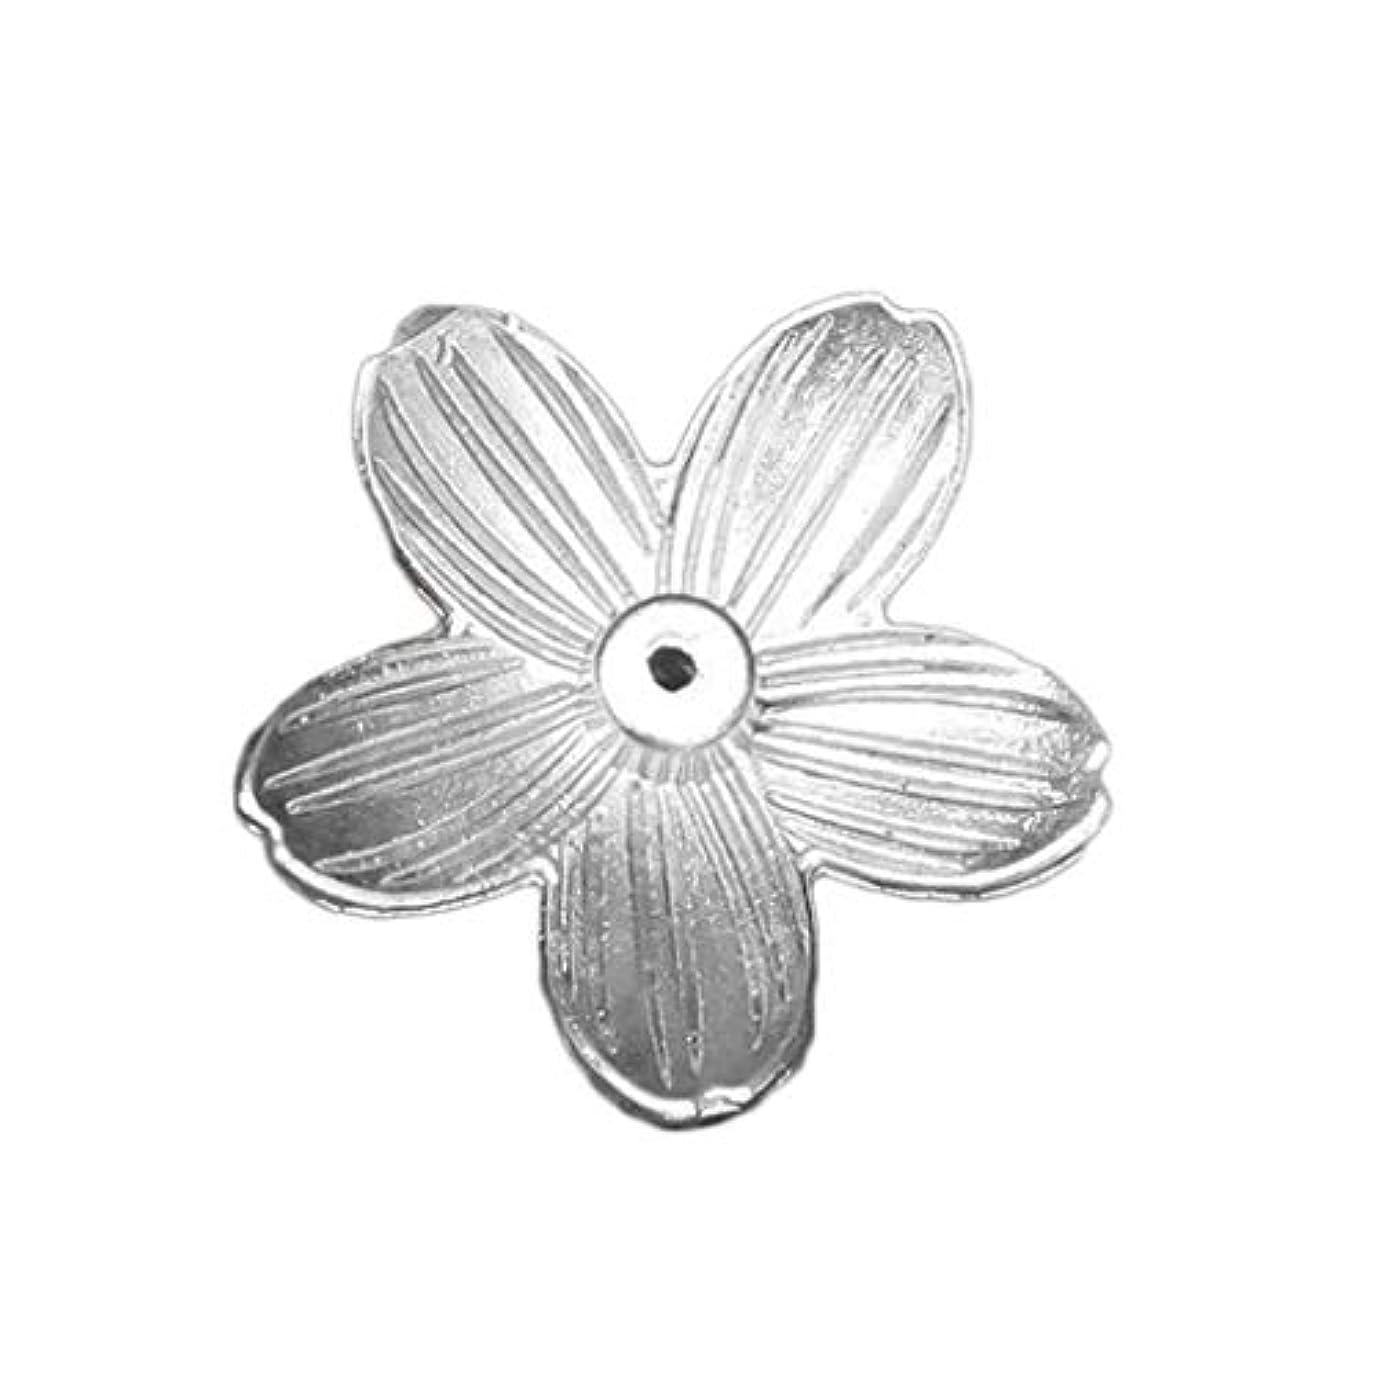 エンドウ意識的ズボン芳香器?アロマバーナー 1ピース桜の花柄香バーナースティックホルダー香ベースプラグ香スタンドホームデコレーション 芳香器?アロマバーナー (Color : C)